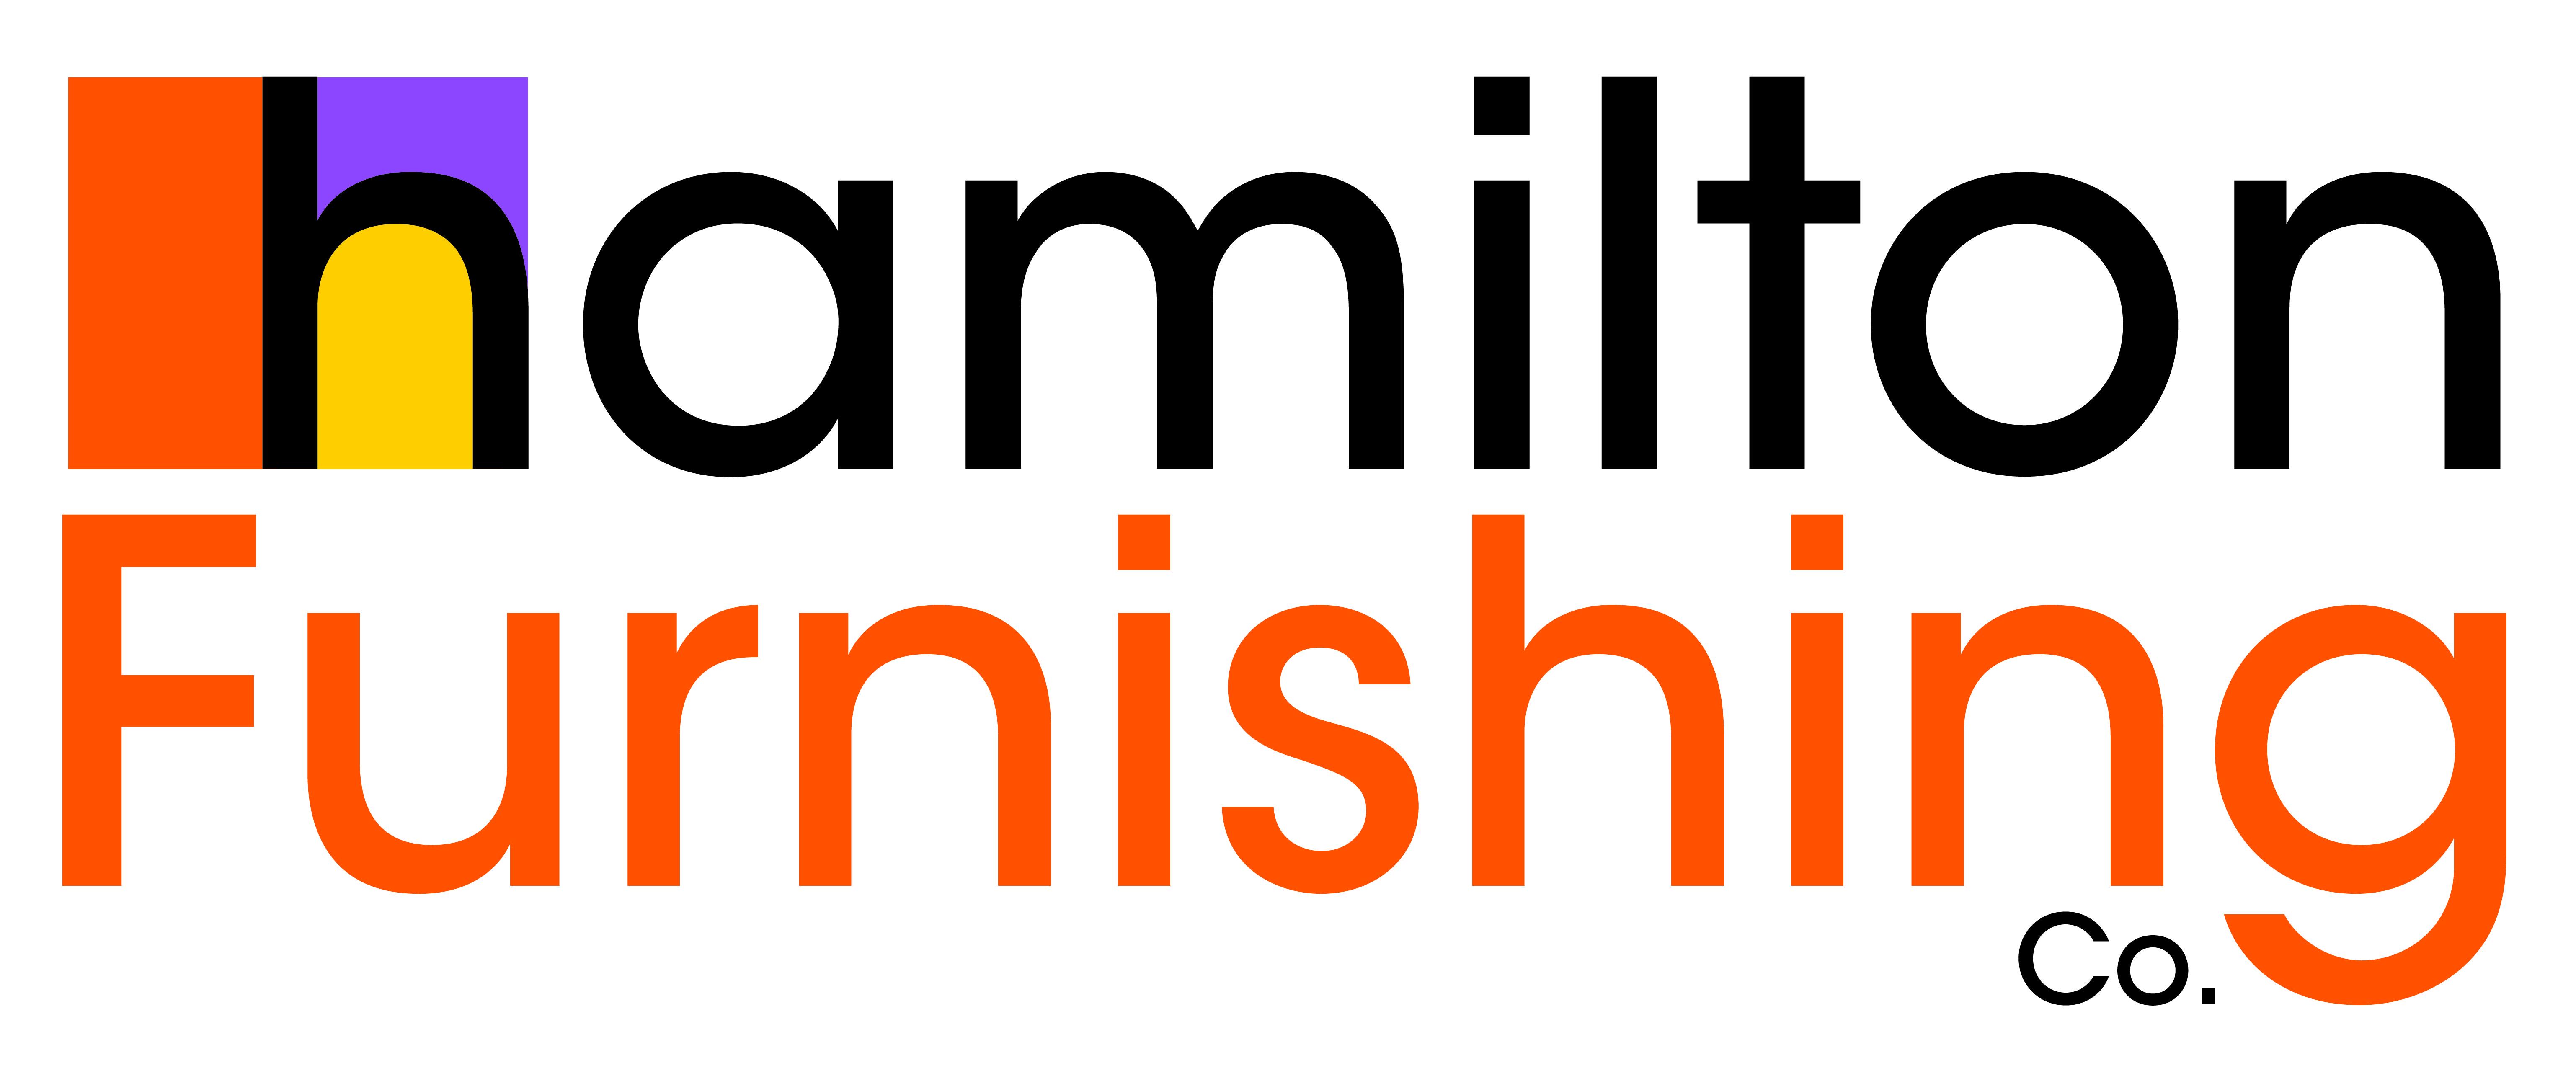 Hamilton Furnishing